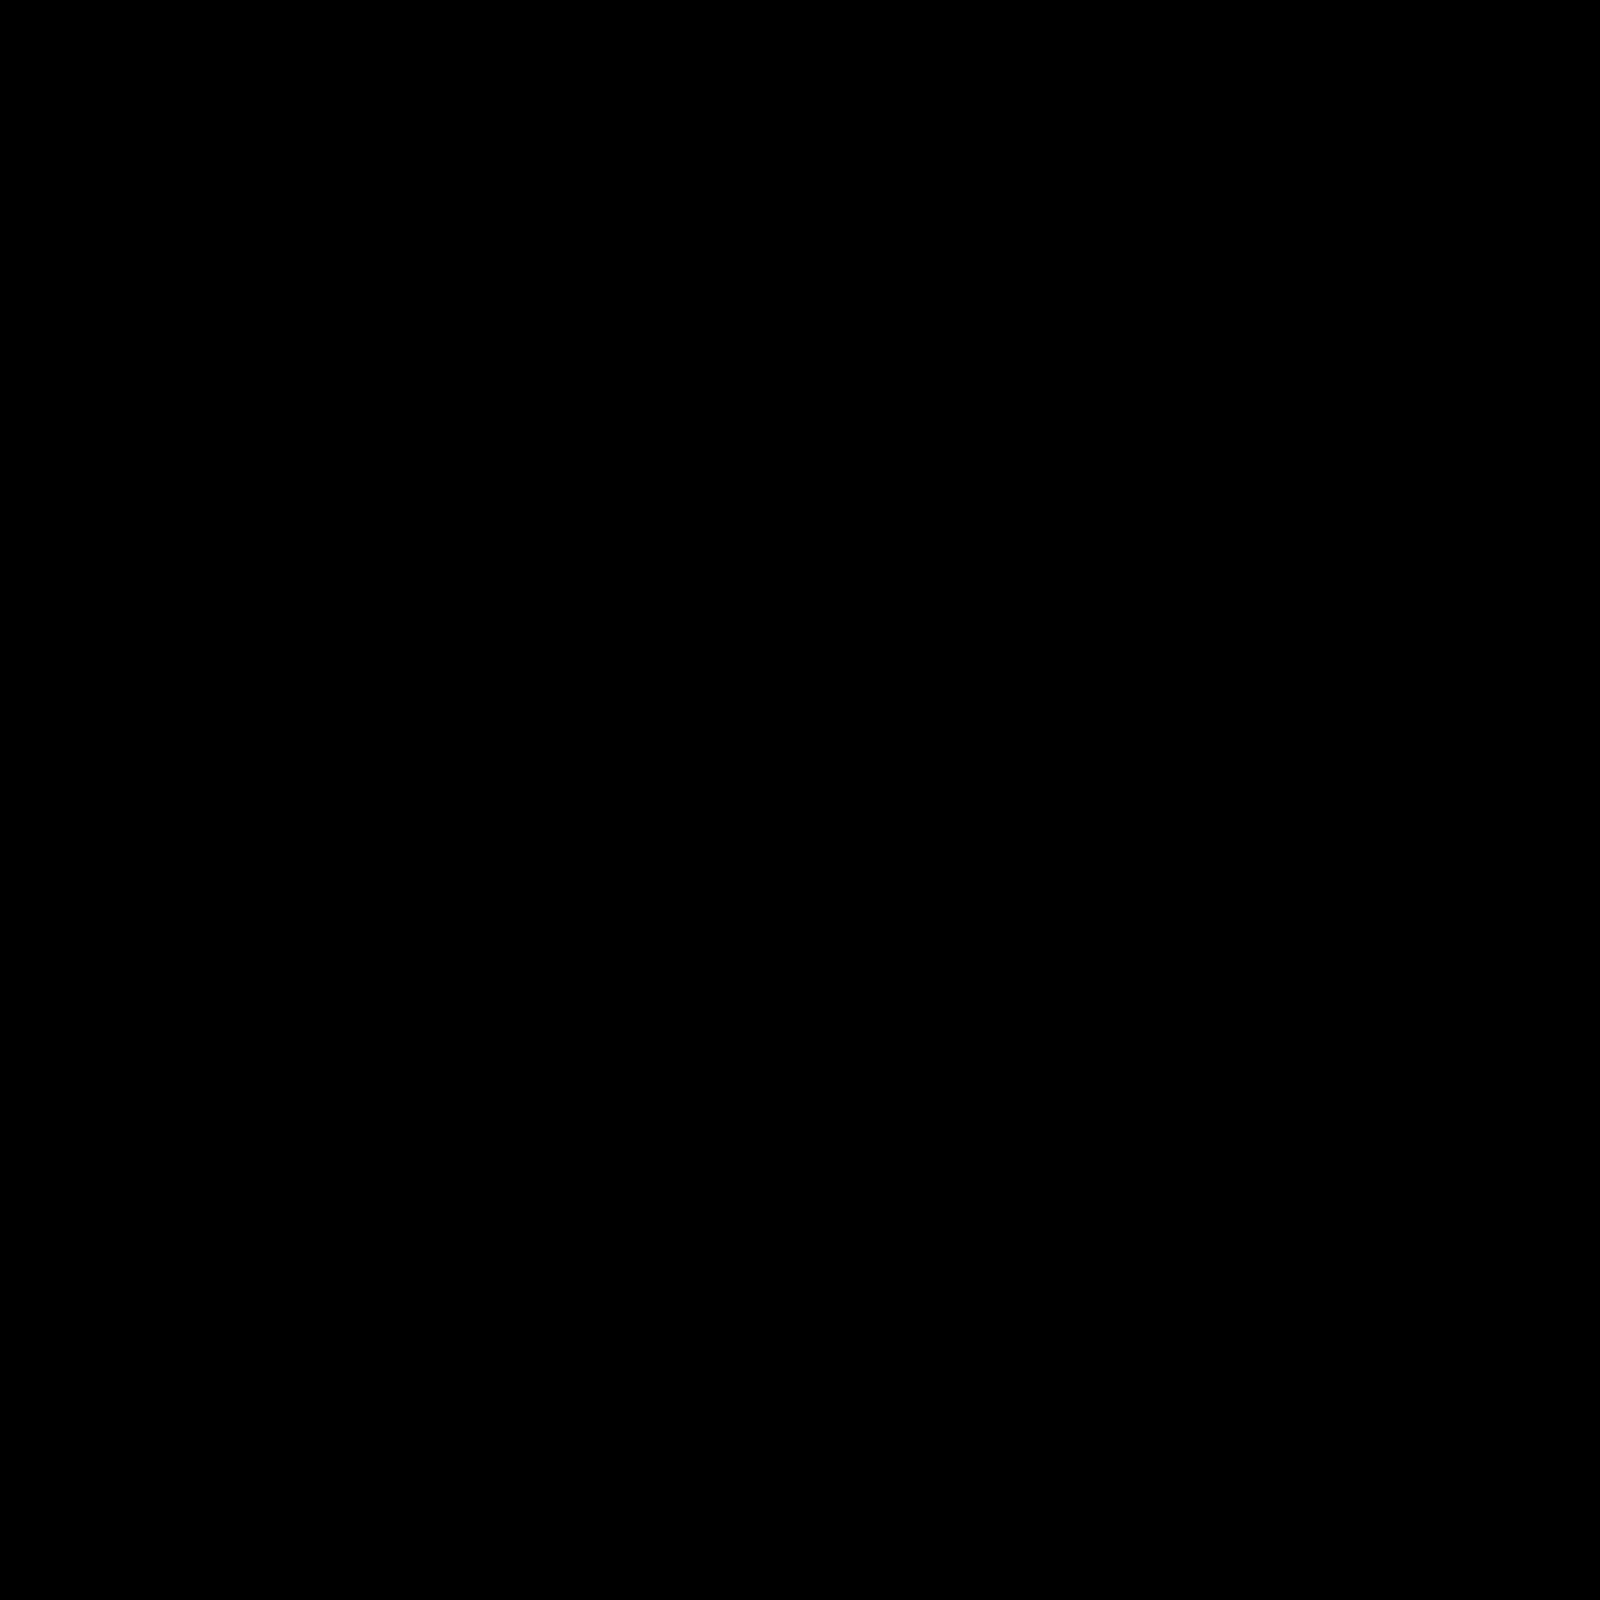 Zakreślone O icon